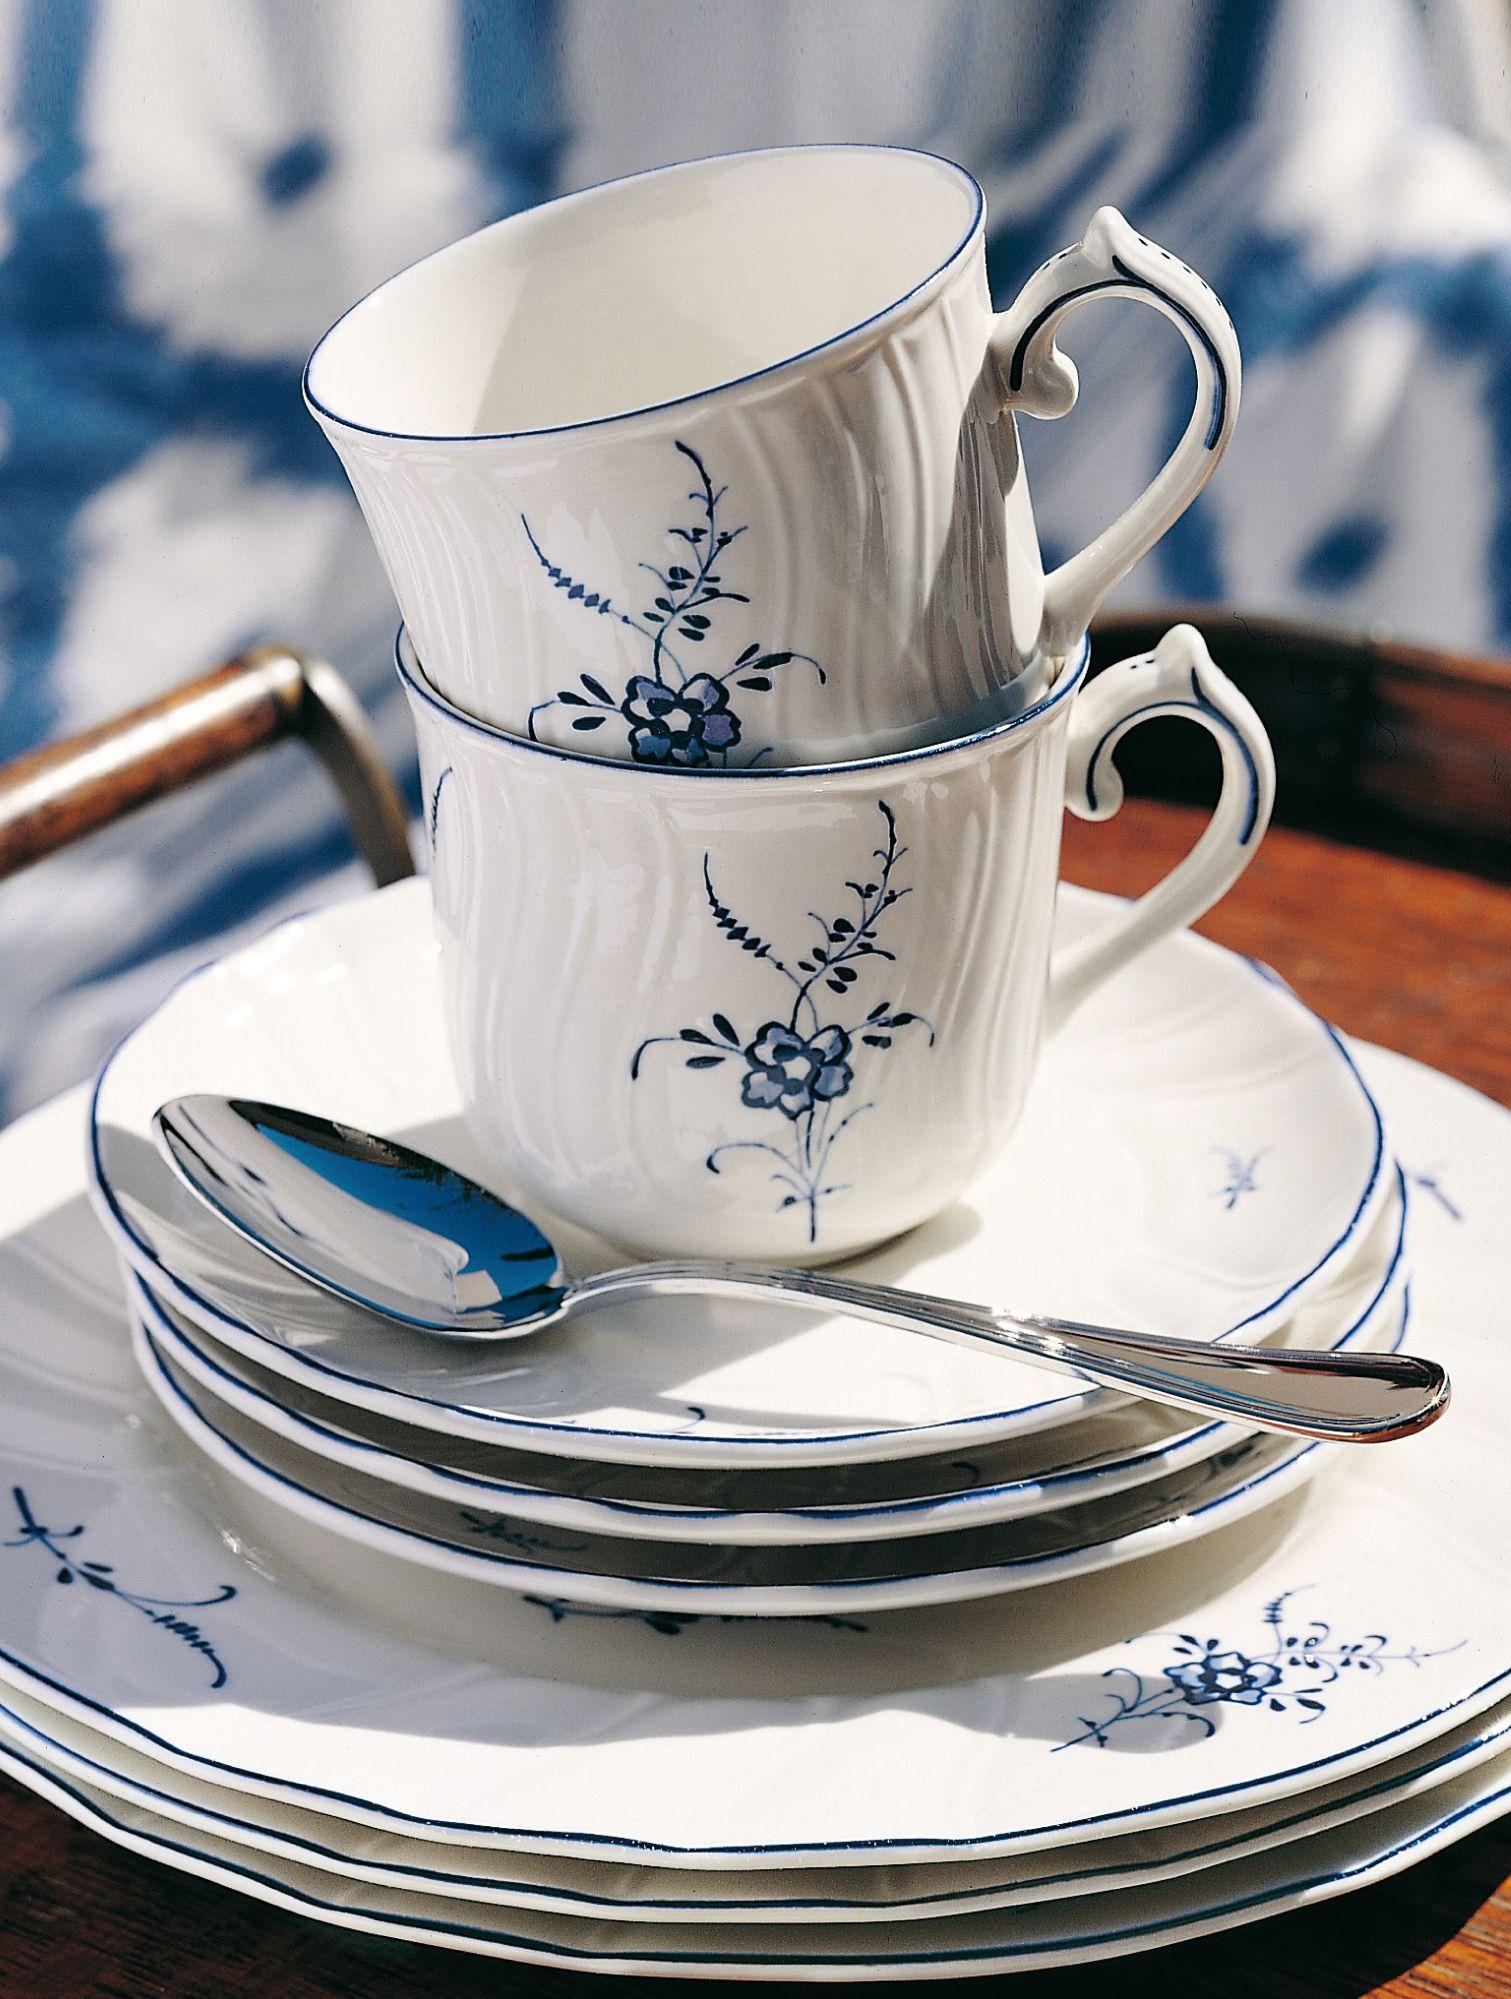 Villeroy Boch Old Luxembourg Vaisselle Vaisselle Porcelaine Art De La Table